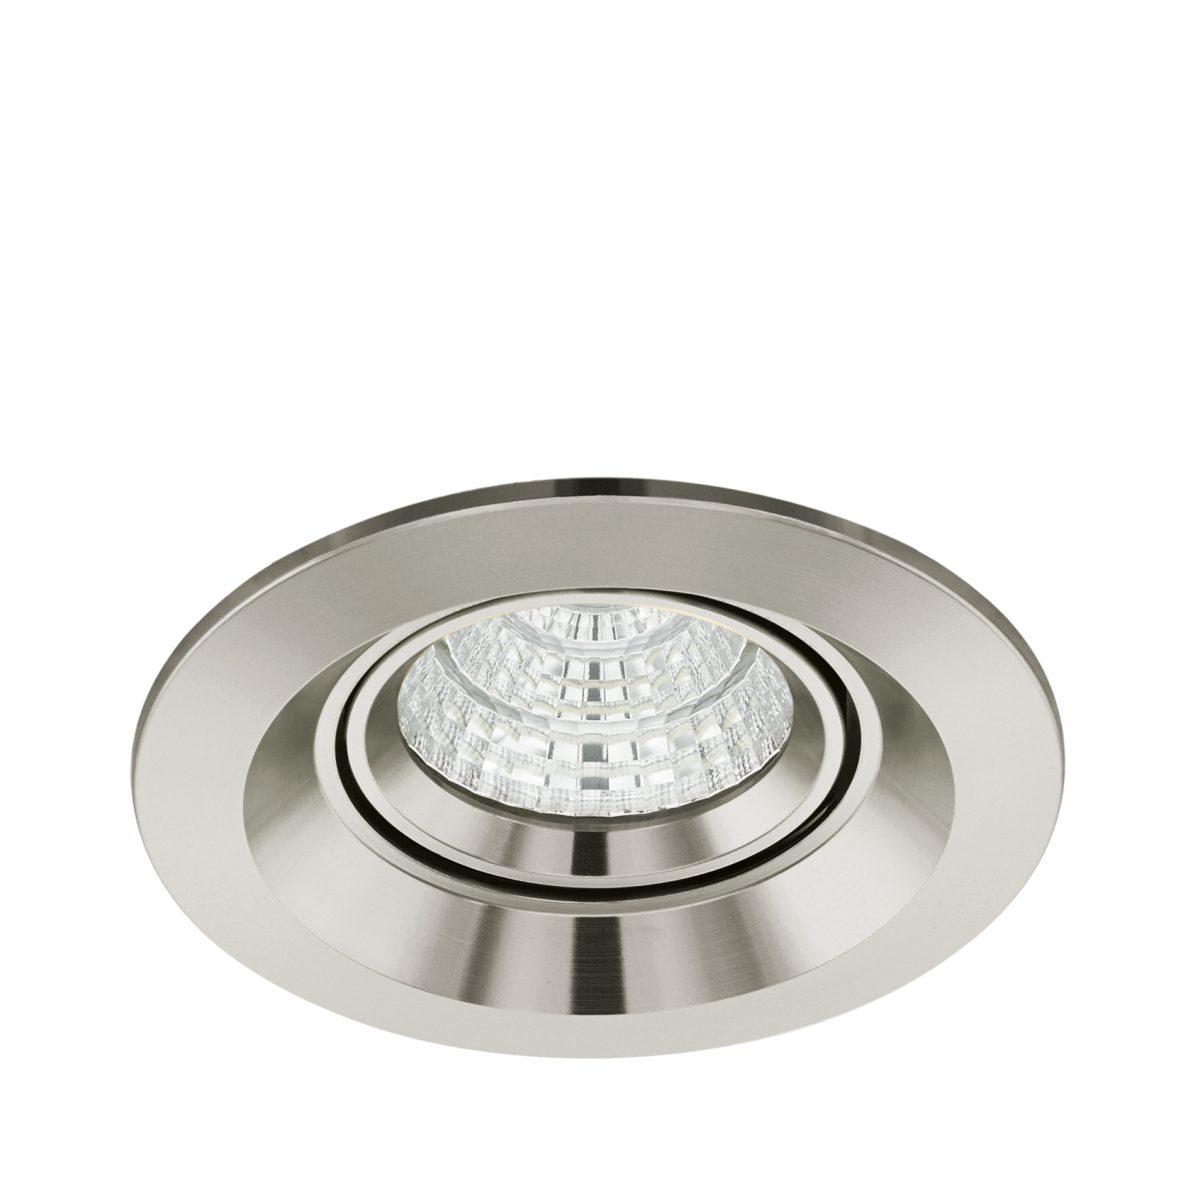 Светильник настенно-потолочный TALVERA P/PROFESSIO EGLO 61544 - Фото №28